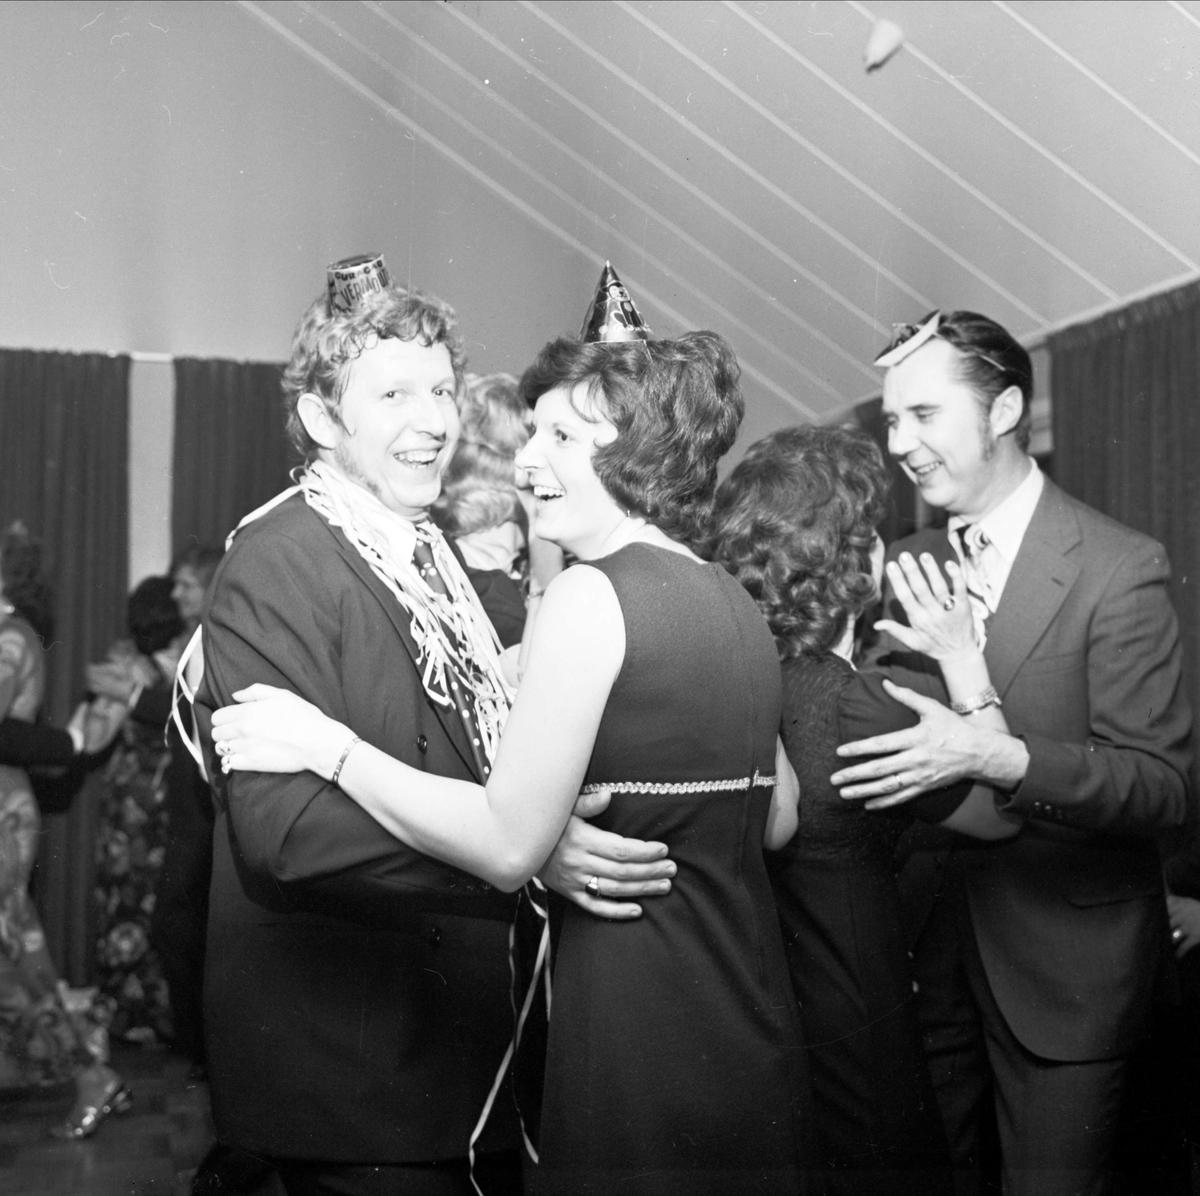 Nyårsfirande i Parkhallen, Söderfors, Uppland december 1972